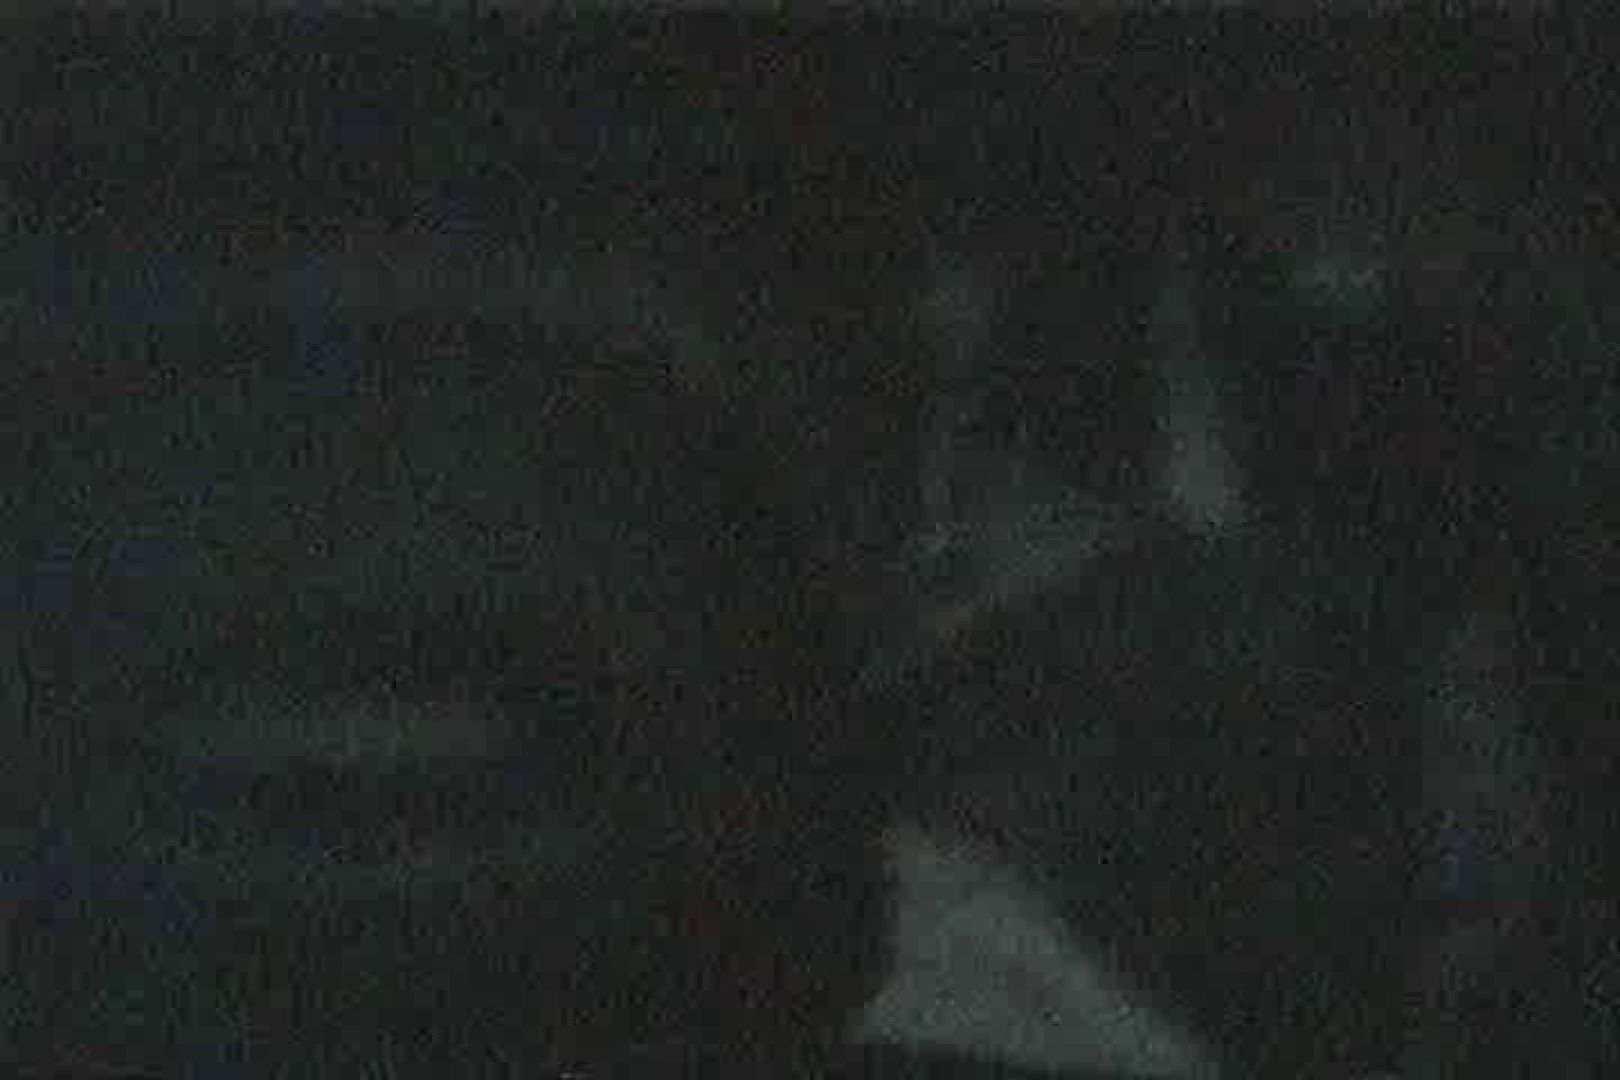 充血監督の深夜の運動会Vol.123 カップル盗撮 | エロティックなOL  107画像 64